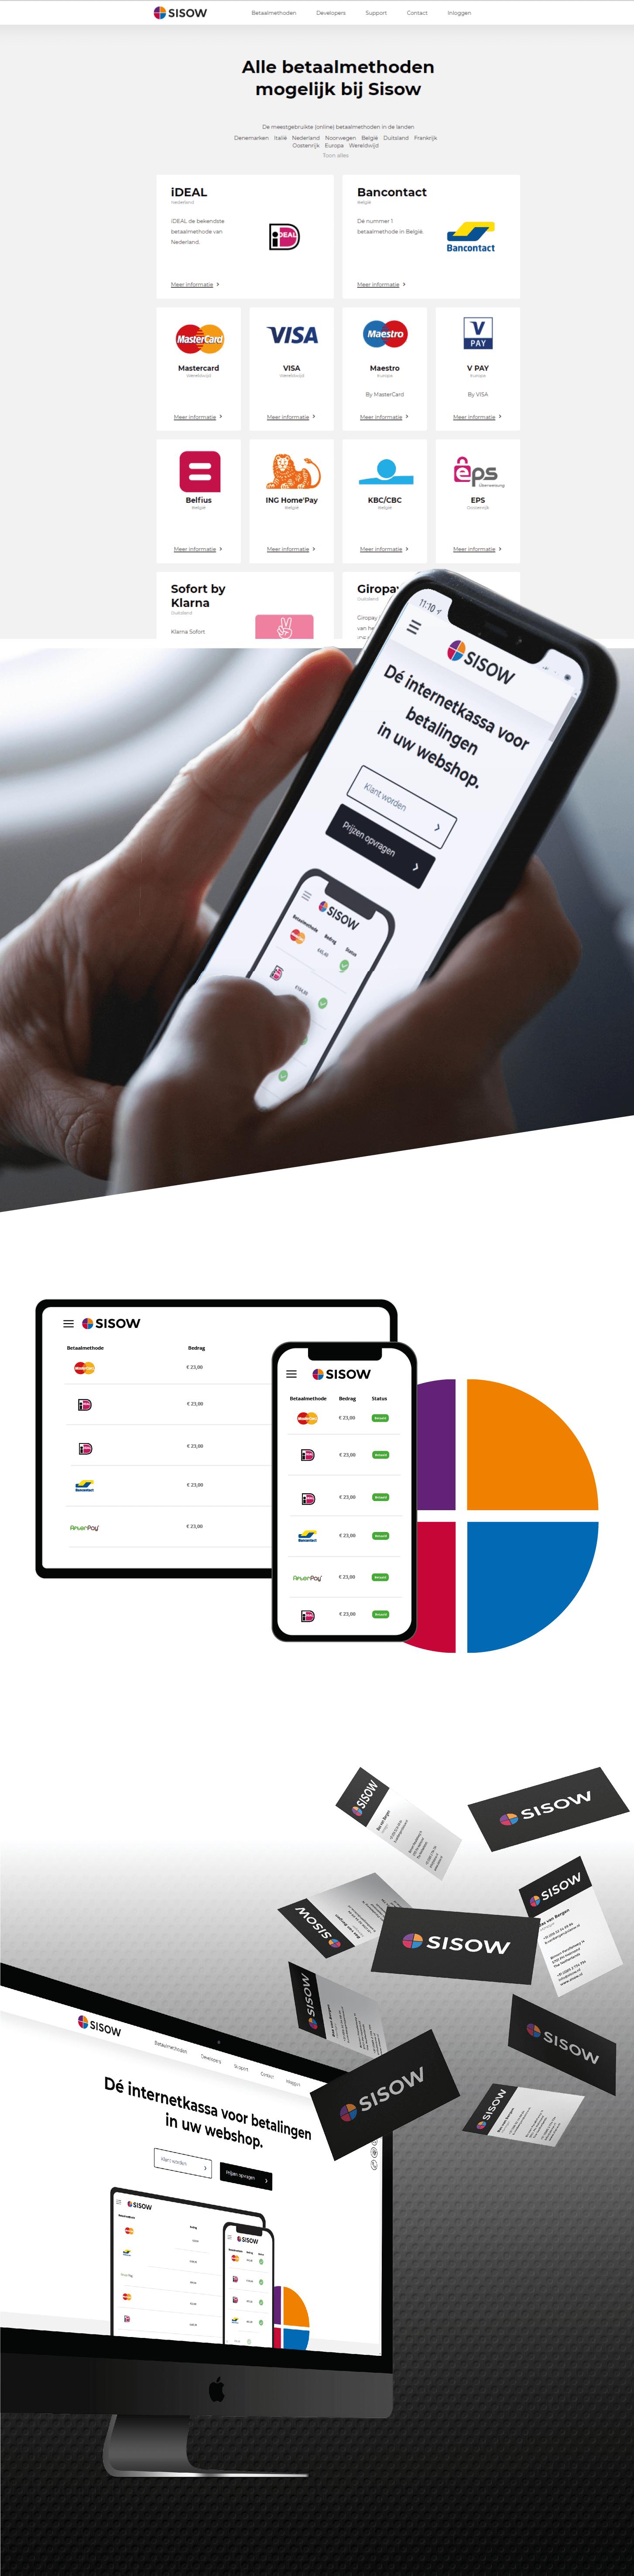 sisow_restyling_logo_ontwerp_website_langeafbeelding